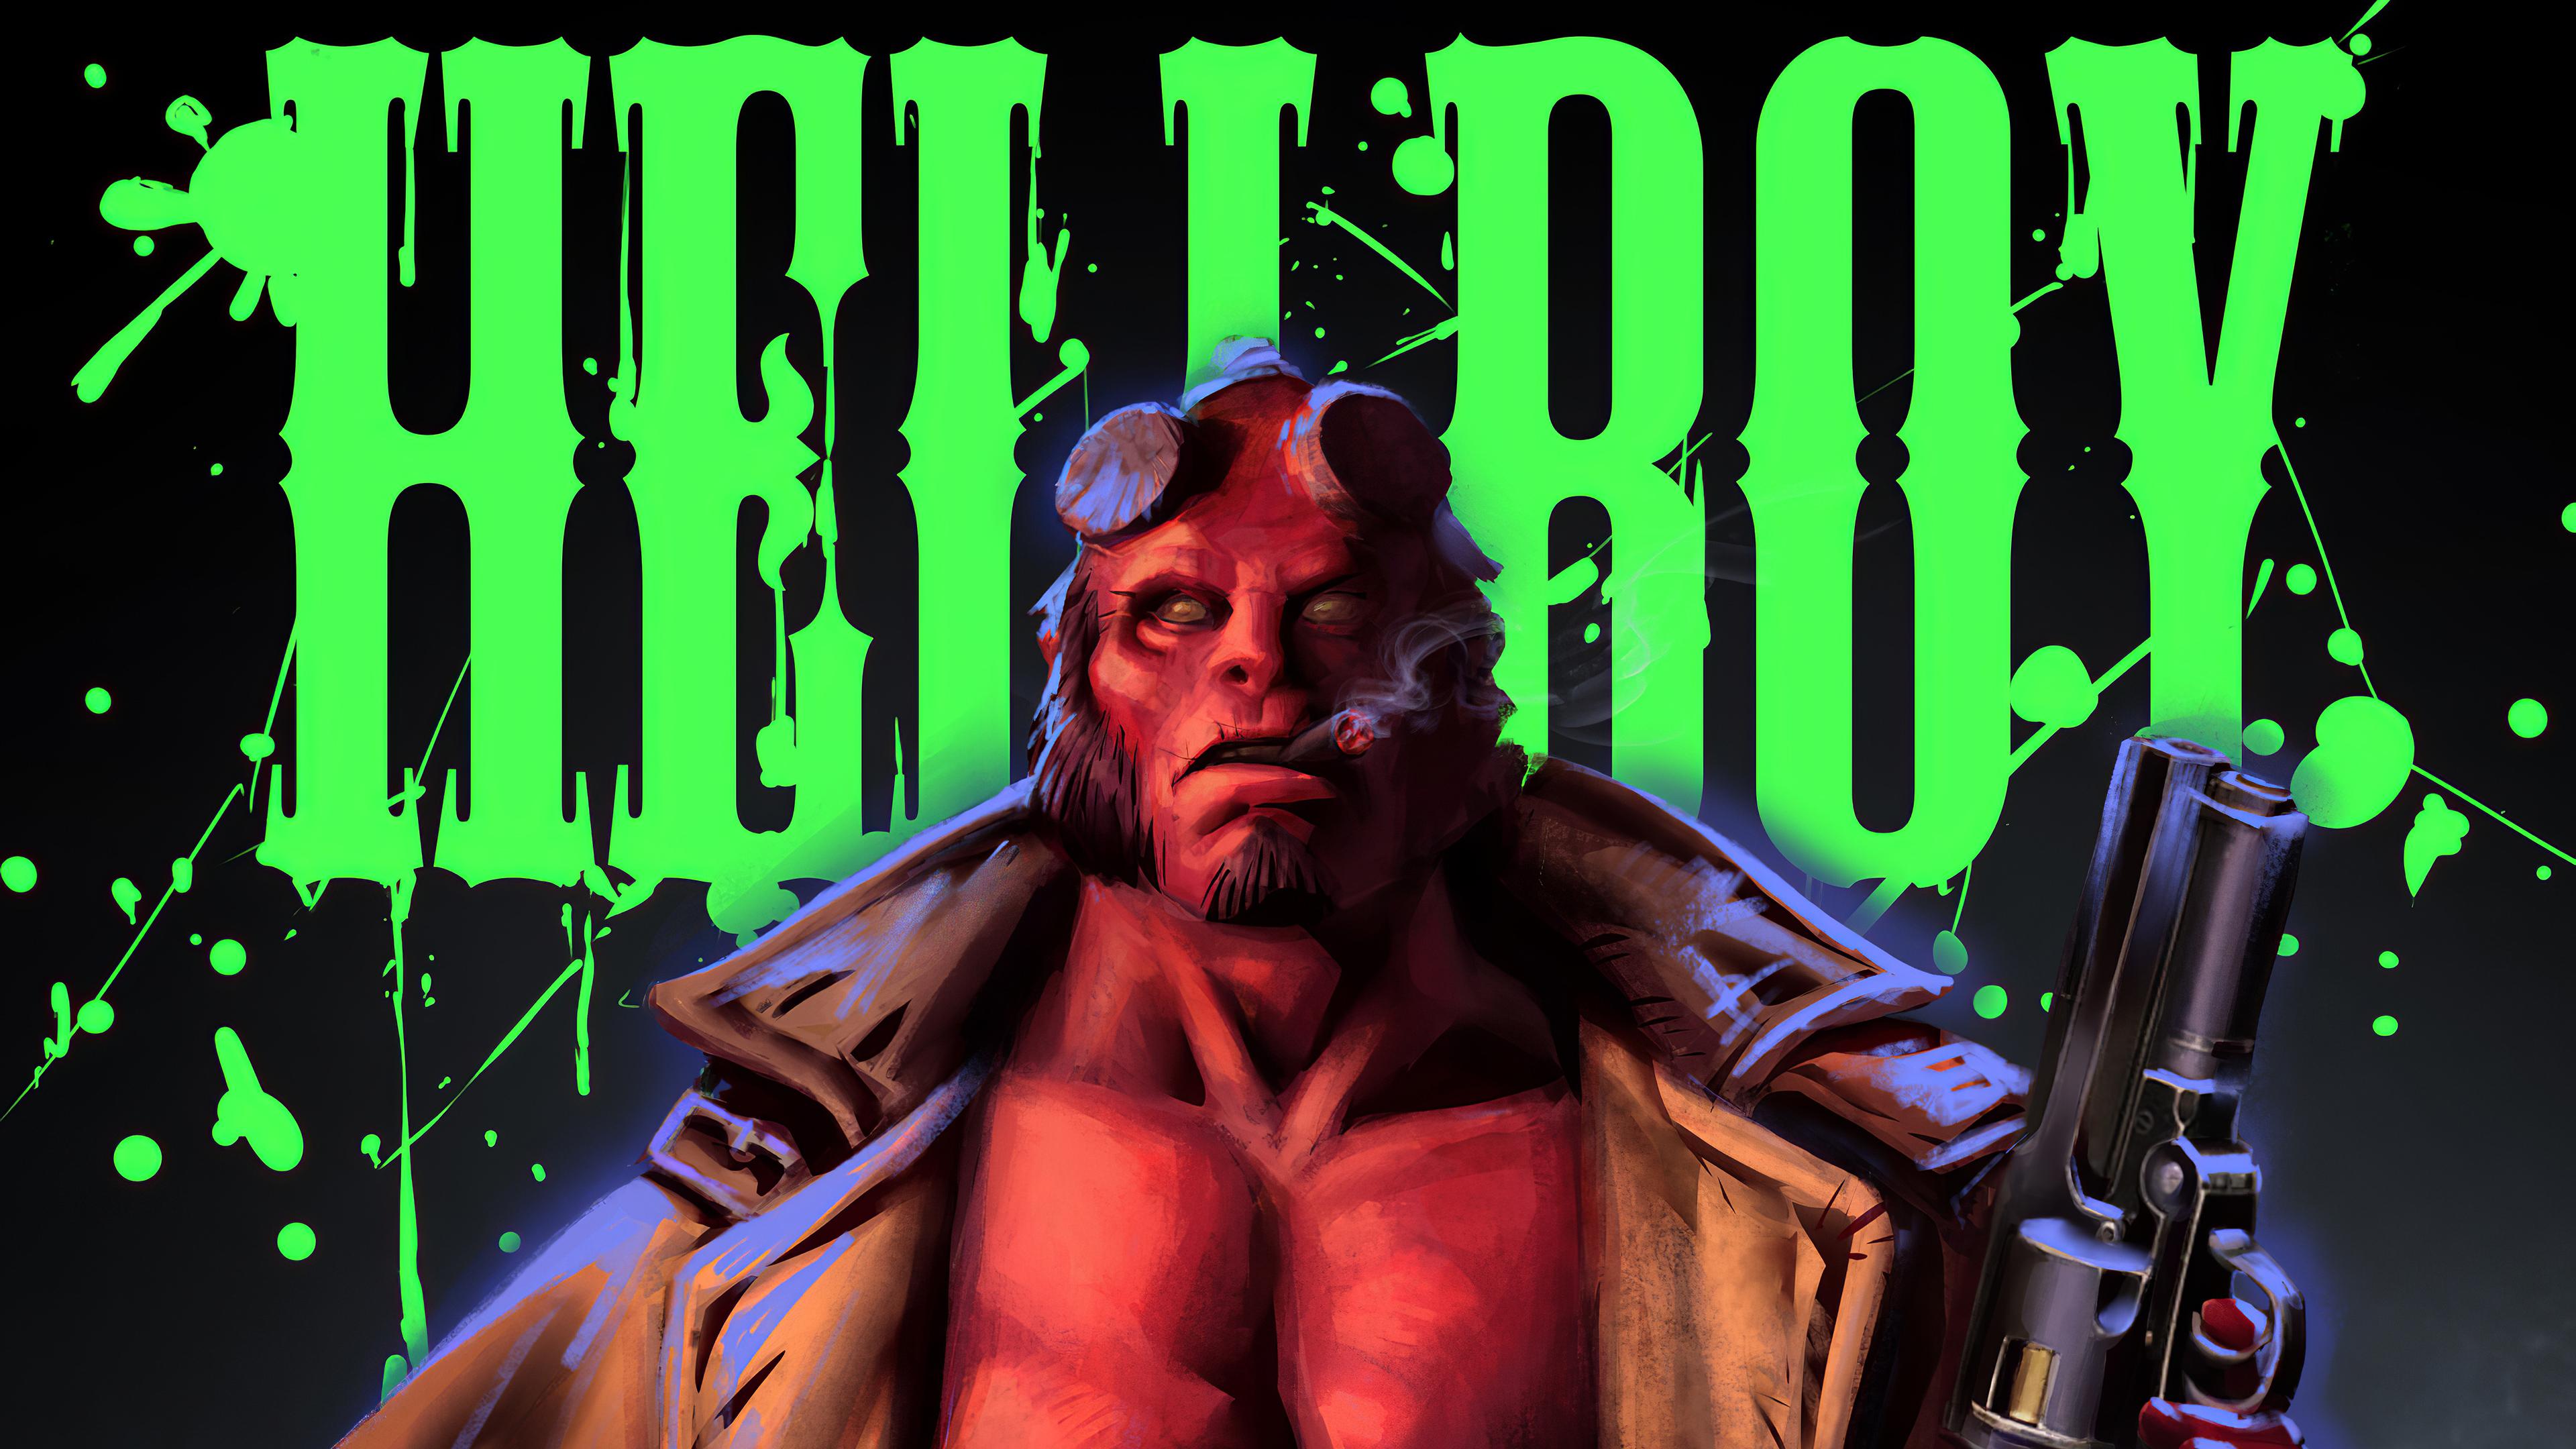 hellboy 1570918645 - Hellboy - superheroes wallpapers, hellboy wallpapers, hd-wallpapers, digital art wallpapers, artwork wallpapers, artstation wallpapers, artist wallpapers, 4k-wallpapers